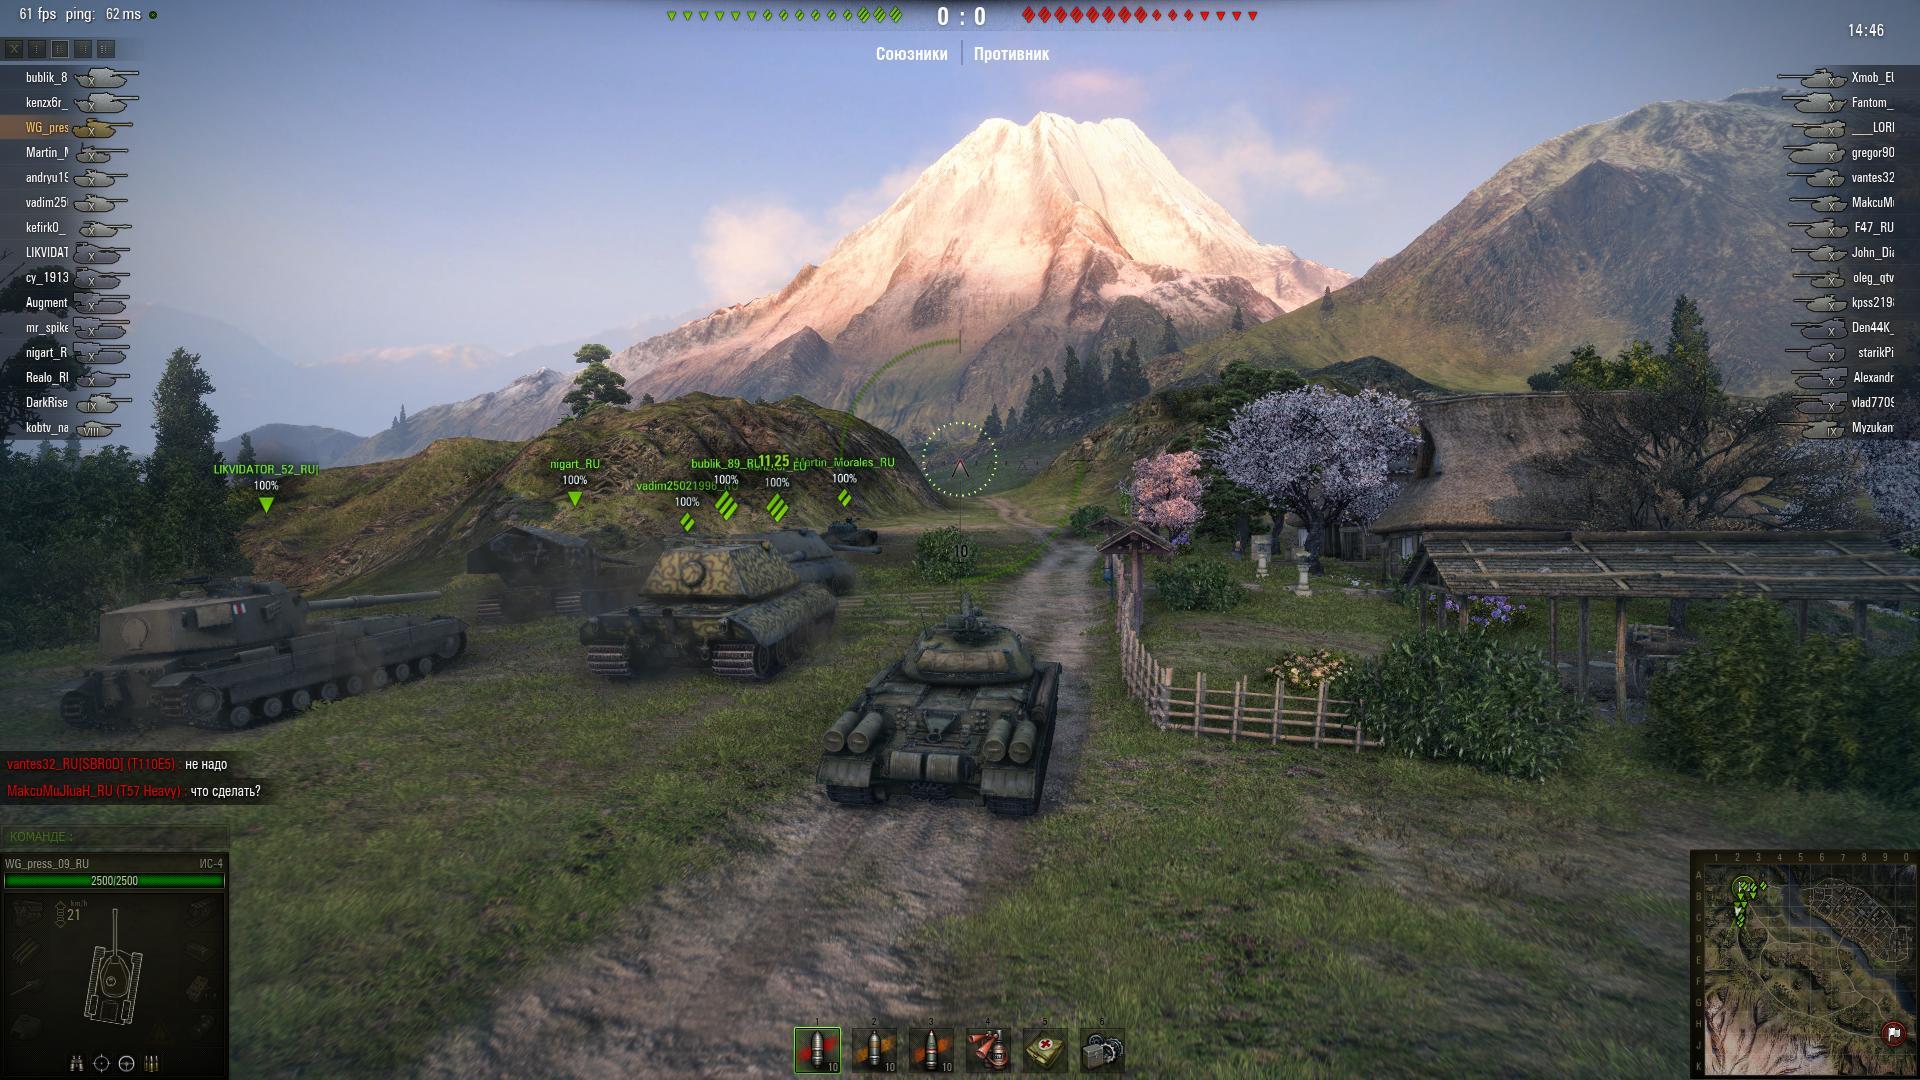 world of tanks тестовая игра скачать